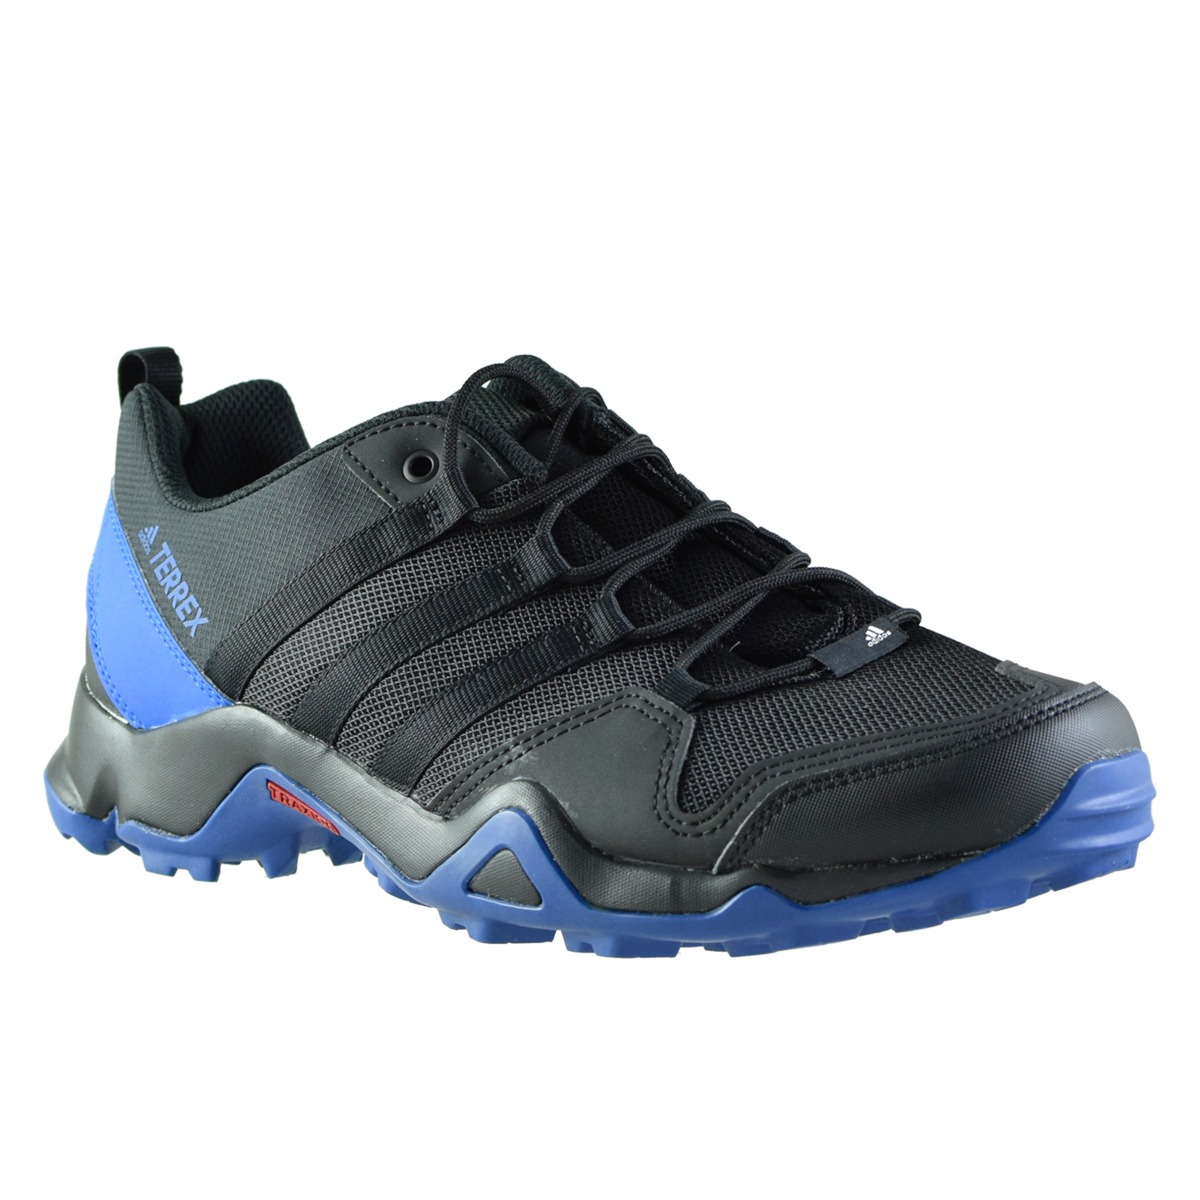 Adidas Terrex Ax2r Tenis Adidas para Hombre en Mercado